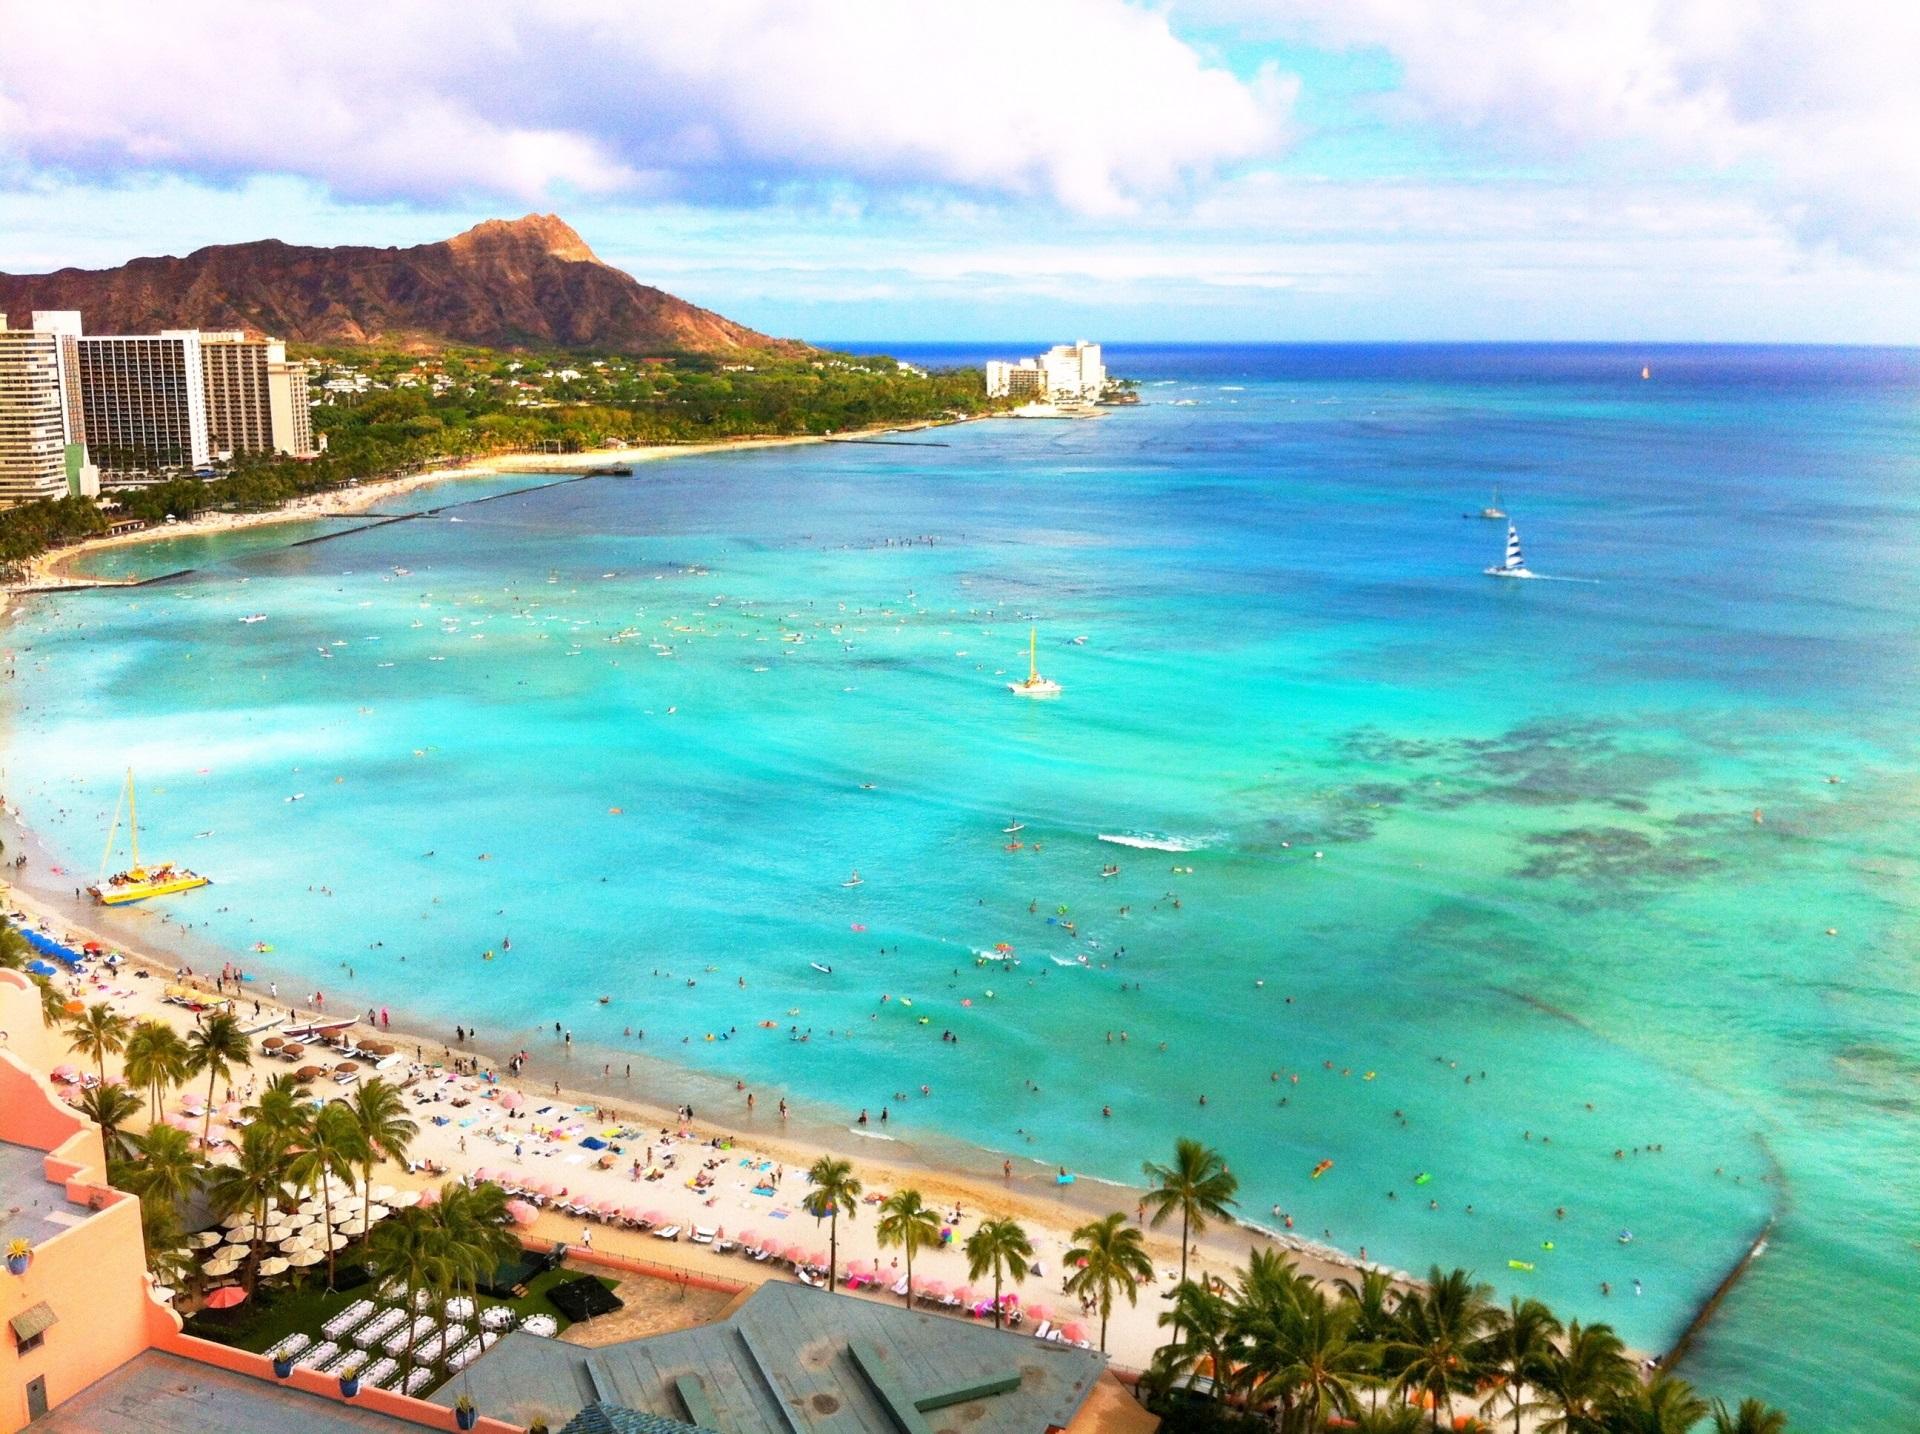 ハワイアン航空のエクストラコンフォートとは?追加料金や変更方法もご紹介!